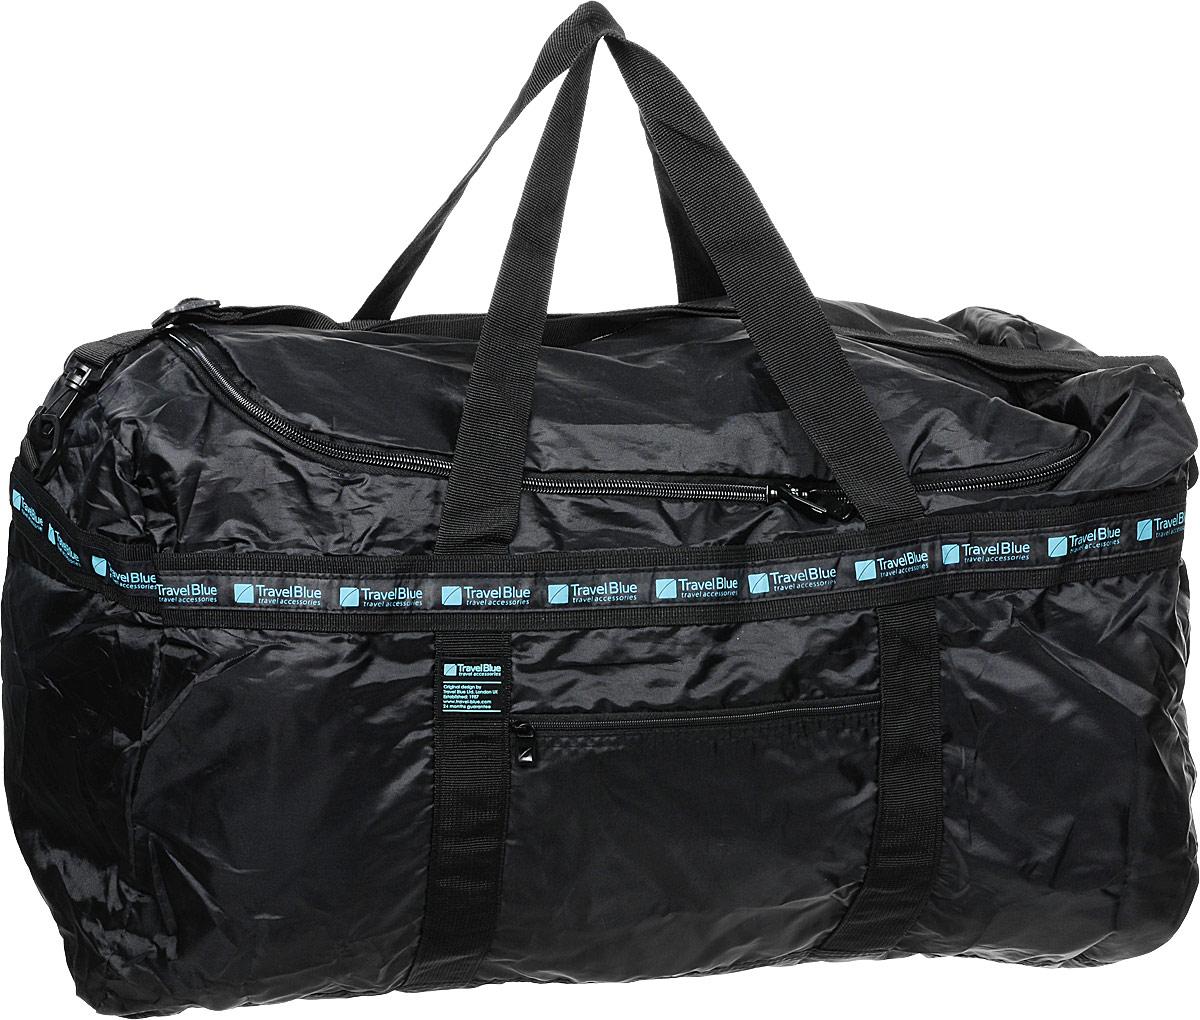 Сумка дорожная Travel Blue Folding Bag XXL, цвет: черный, 60 л сумка дорожная travel blue large carry bag цвет черный 48 л